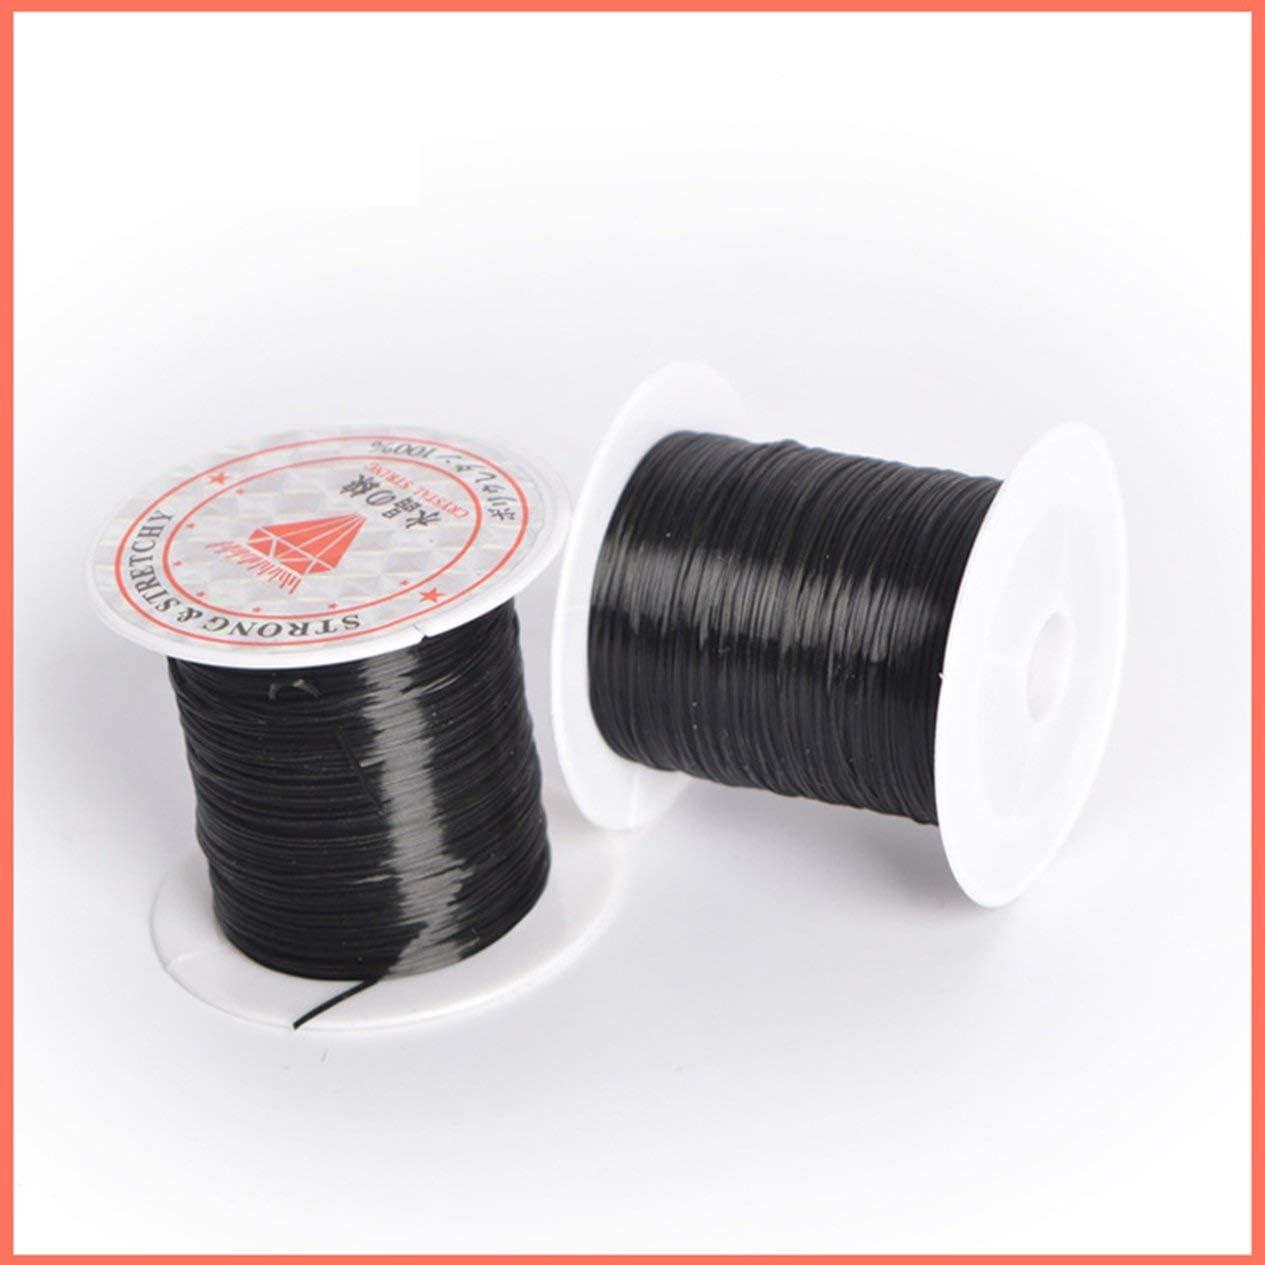 BCVBFGCXVB 40 m Noir 43 Verges Plat /élastique Cristal Stretch cha/îne Cordon en Polyester pour la Fabrication de Bijoux Bracelet Perles Fil Artisanat Accessoires